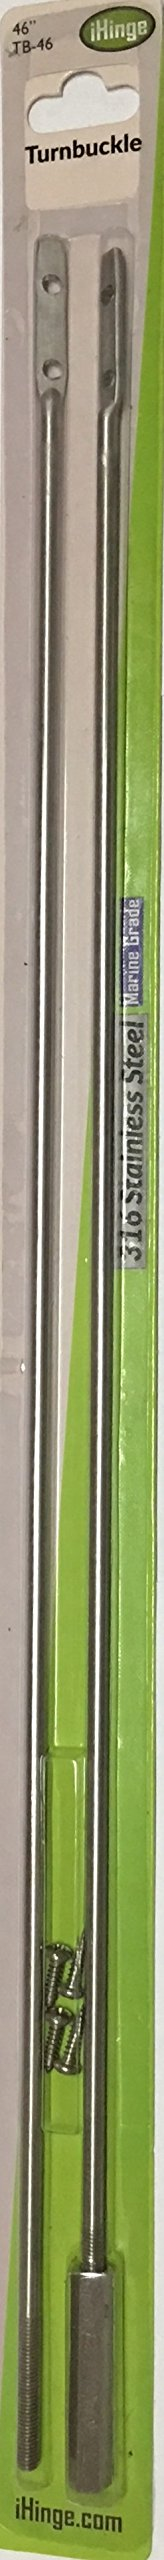 Turnbuckle - 46''